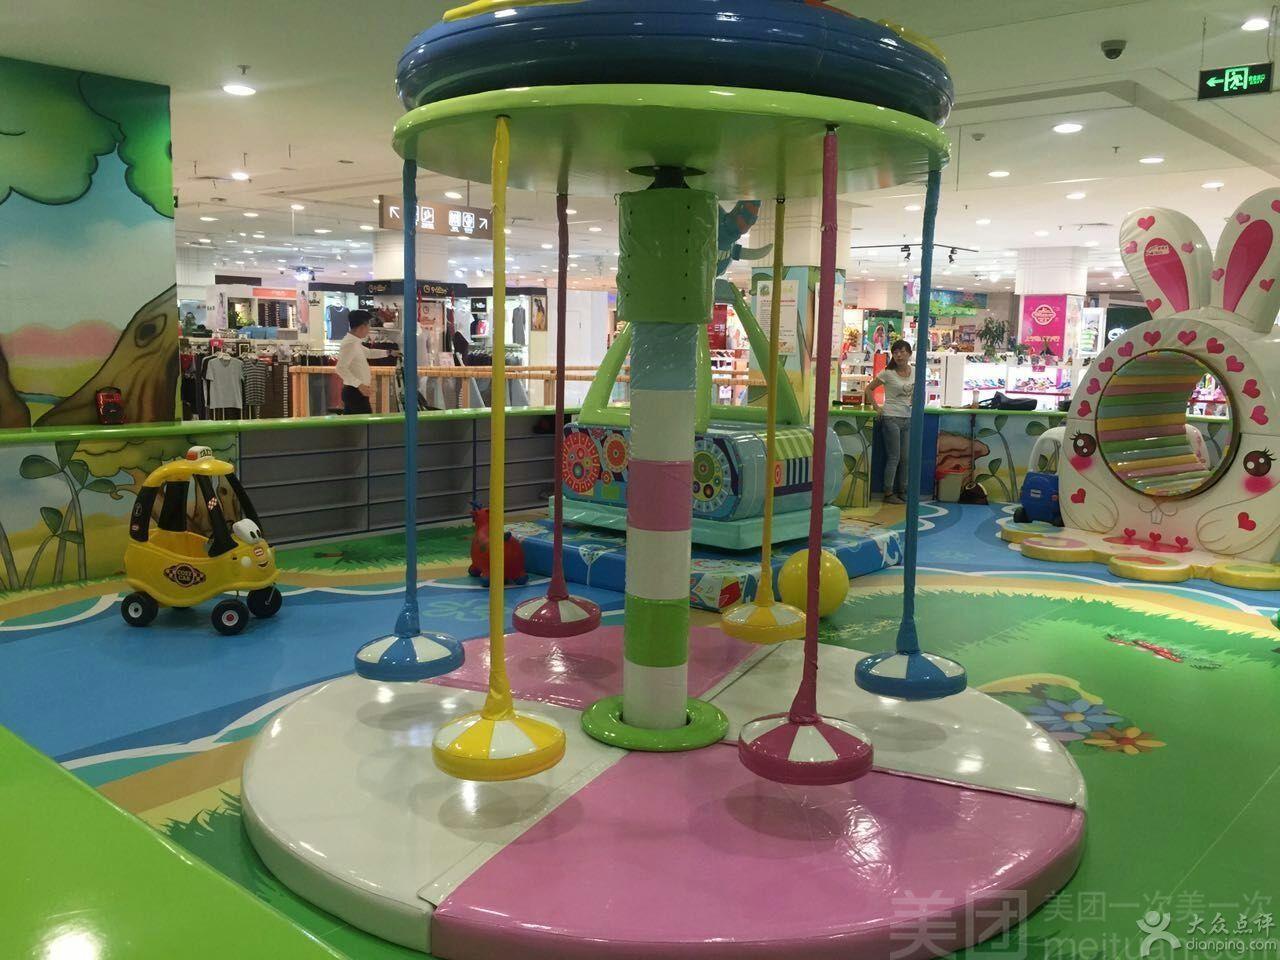 森林精灵儿童乐园(服务社店)-美团